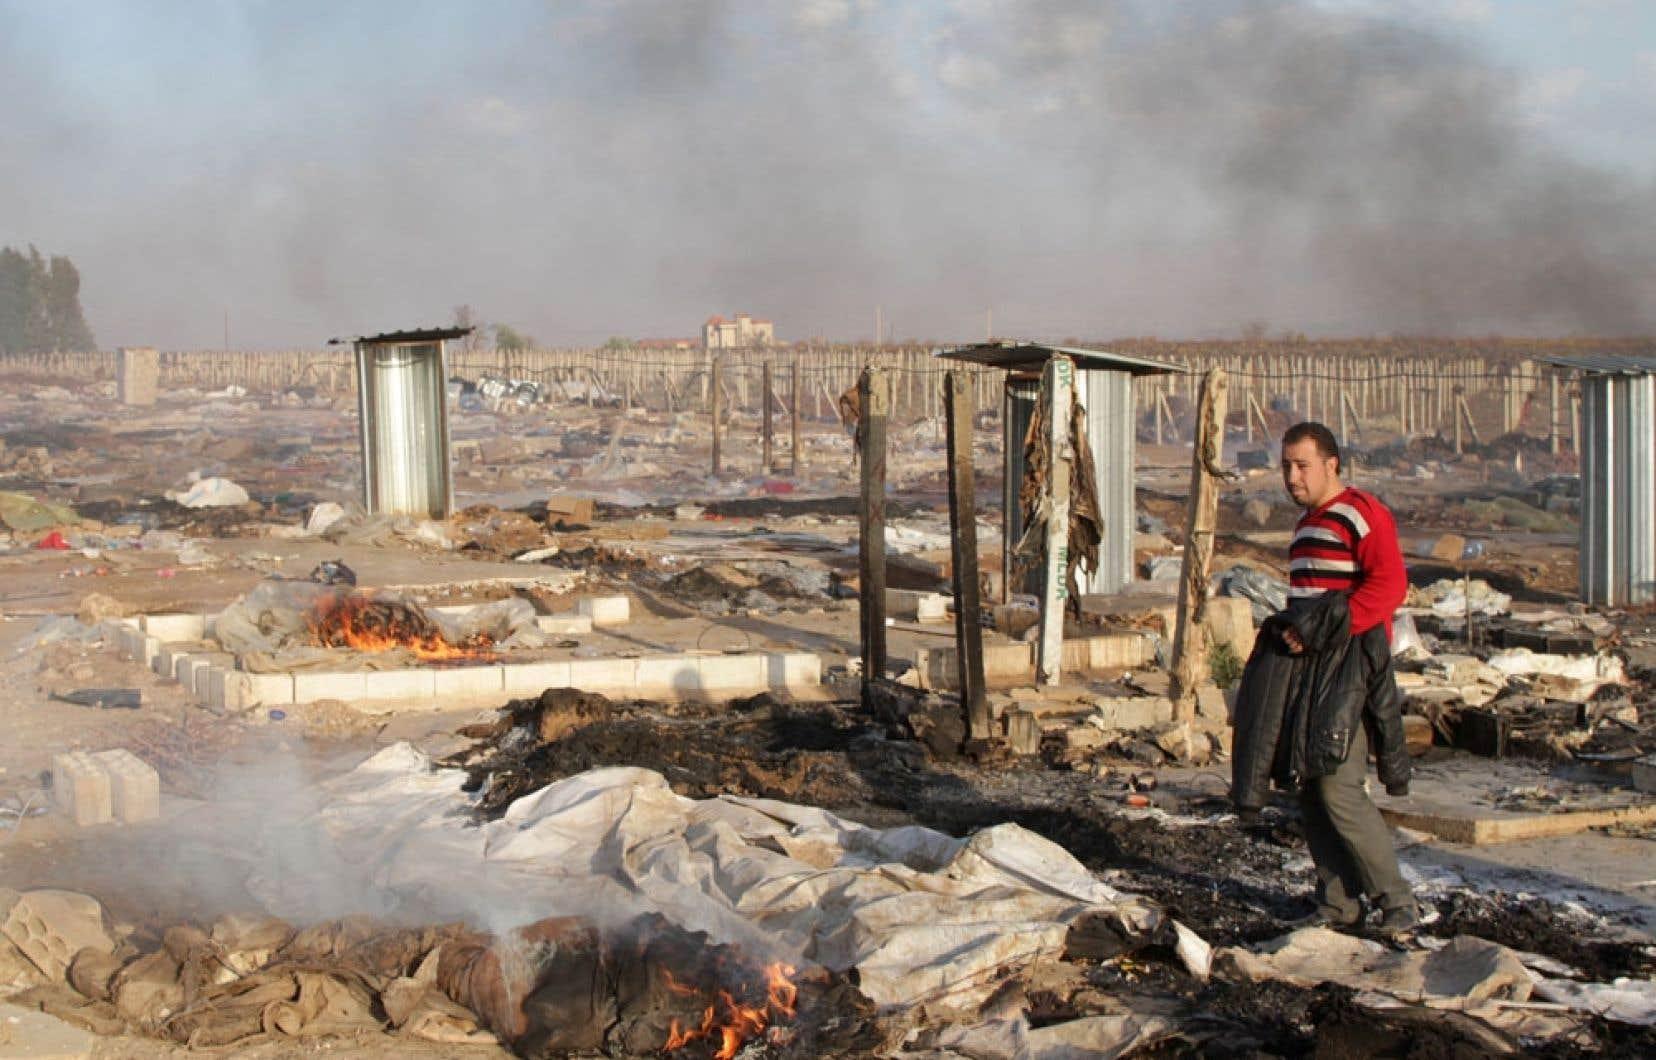 Outre les décès, la guerre a fait des centaines de milliers de réfugiés qui ont quitté leur pays et vivent dans des conditions précaires, comme dans ce camp près de Zahle au Liban.